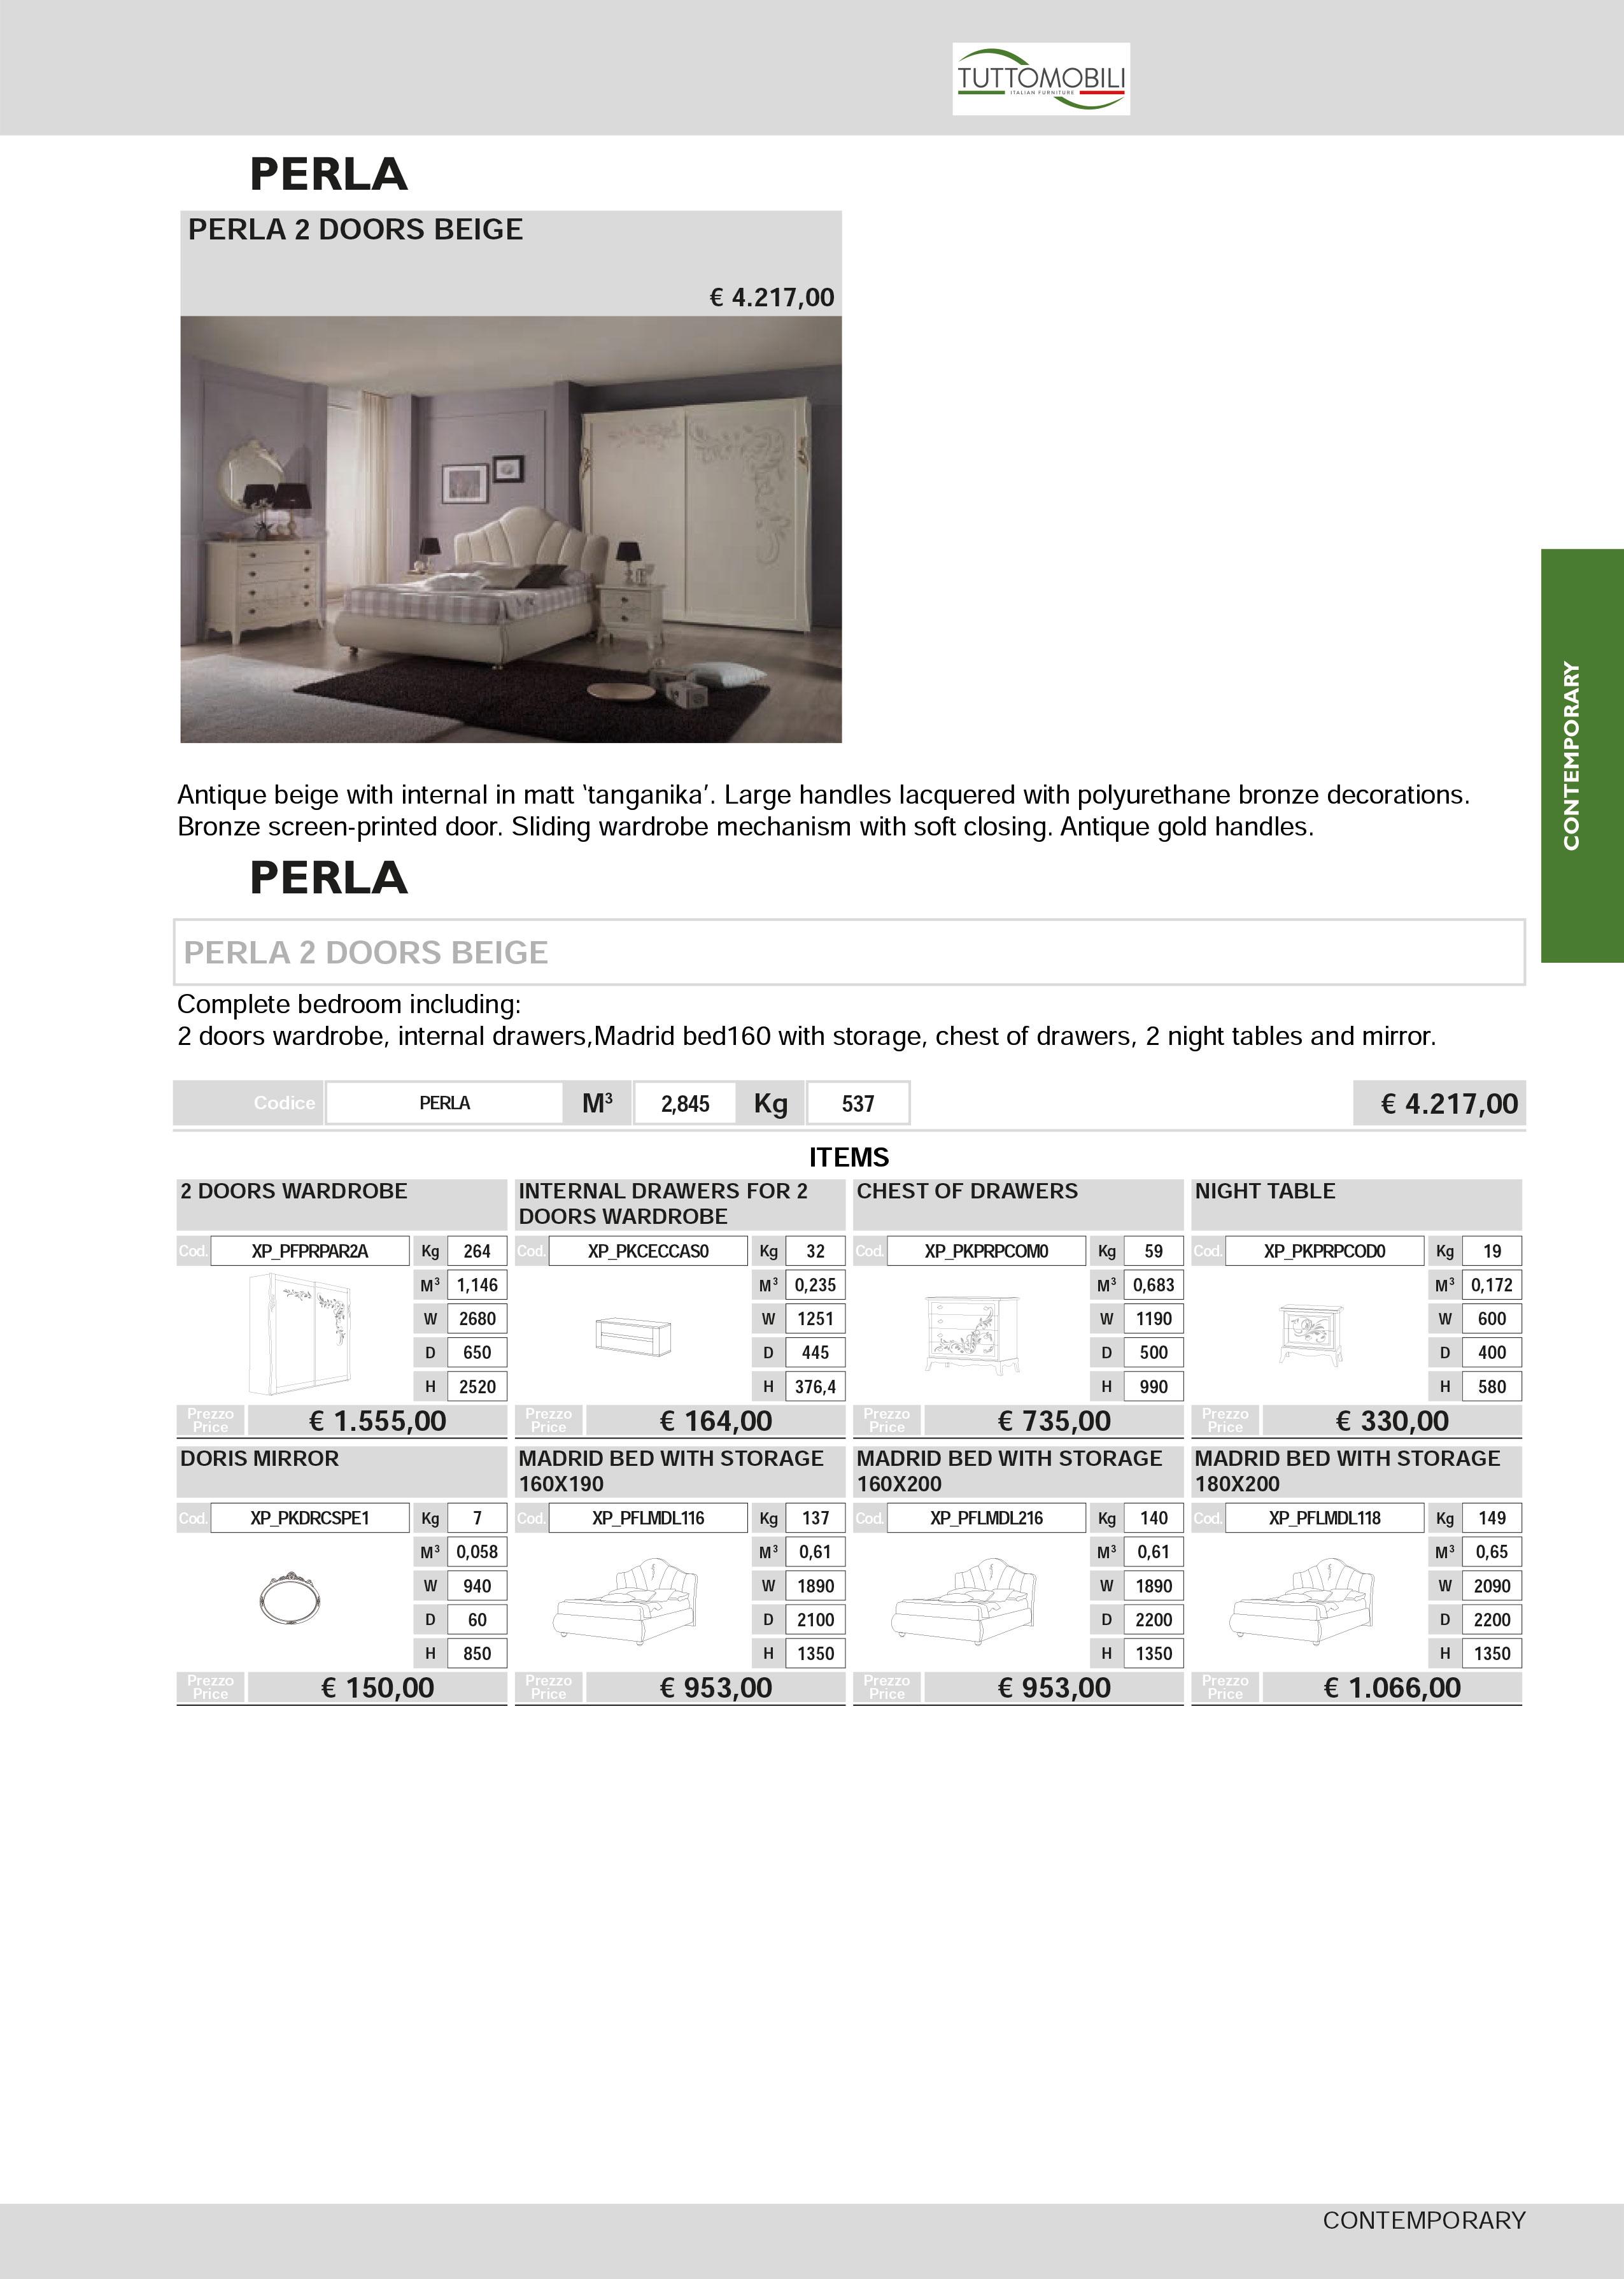 perla-schlafzimmer-preis